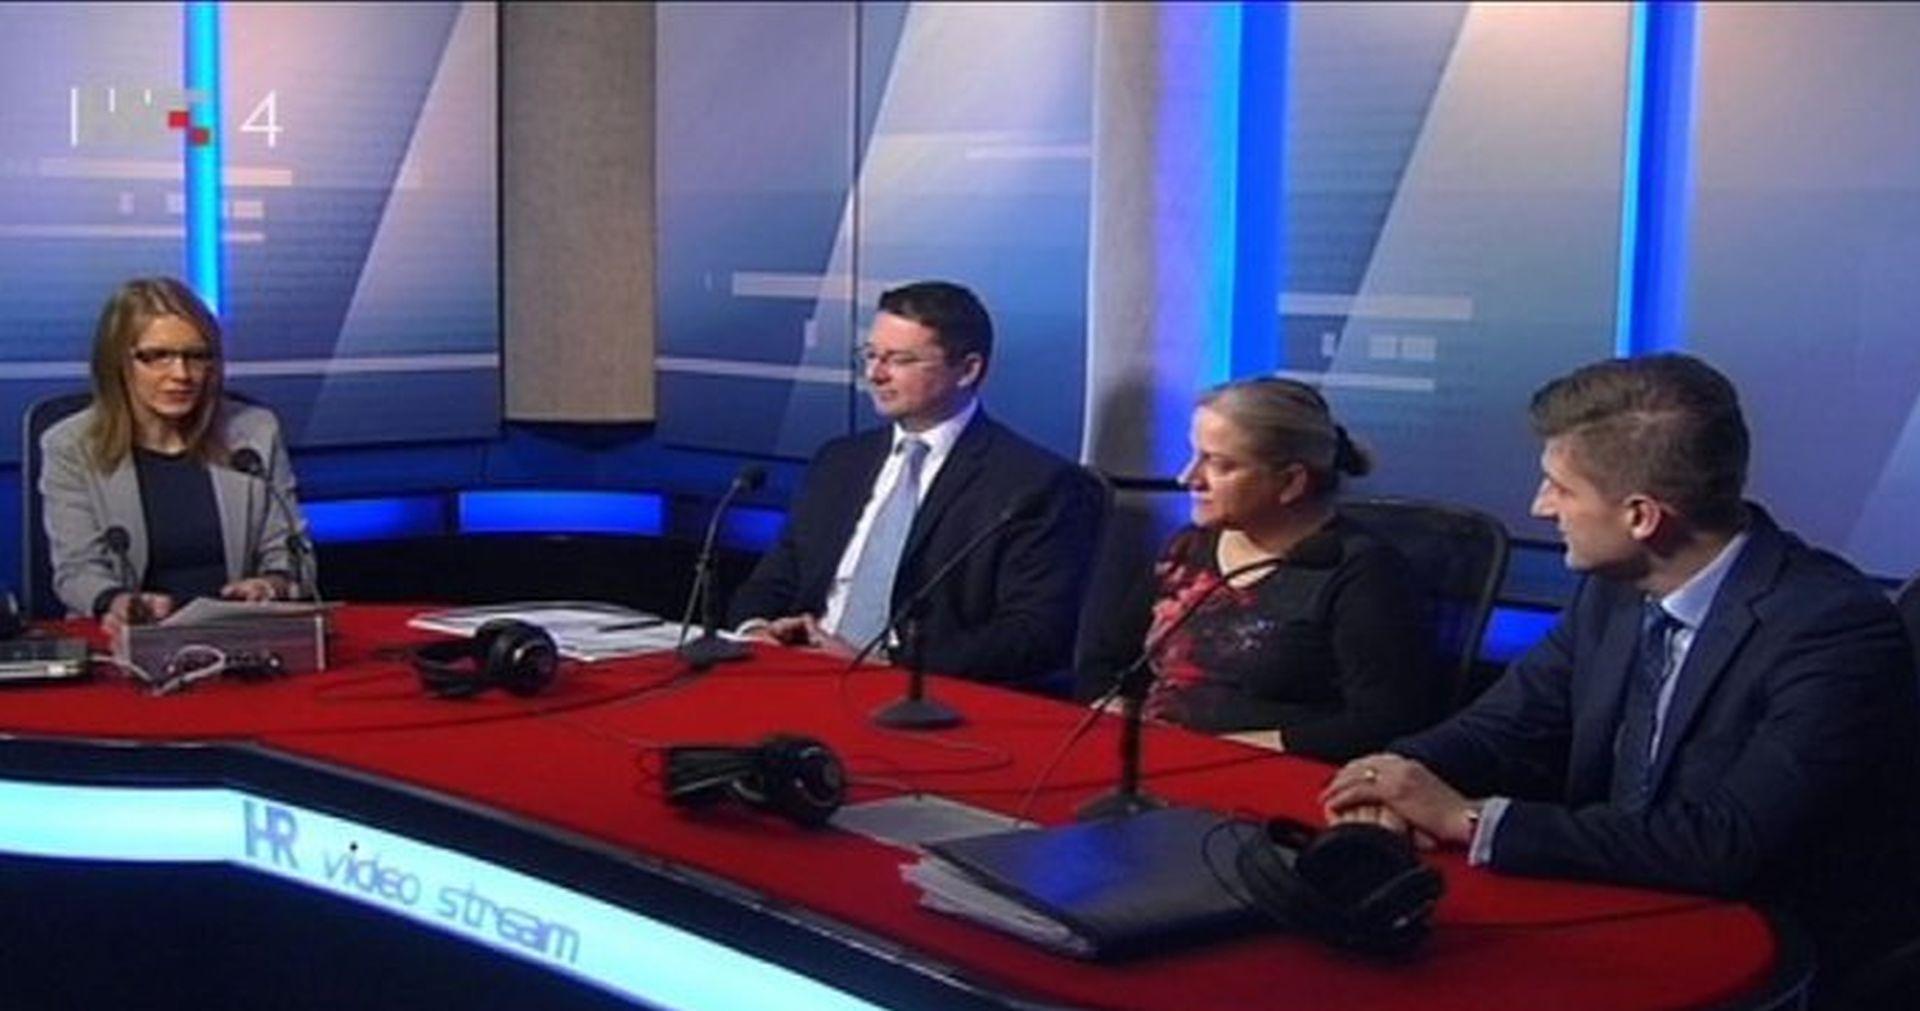 VIDEO: Marić: Uvođenjem eura trebali bi postići veći životni standard